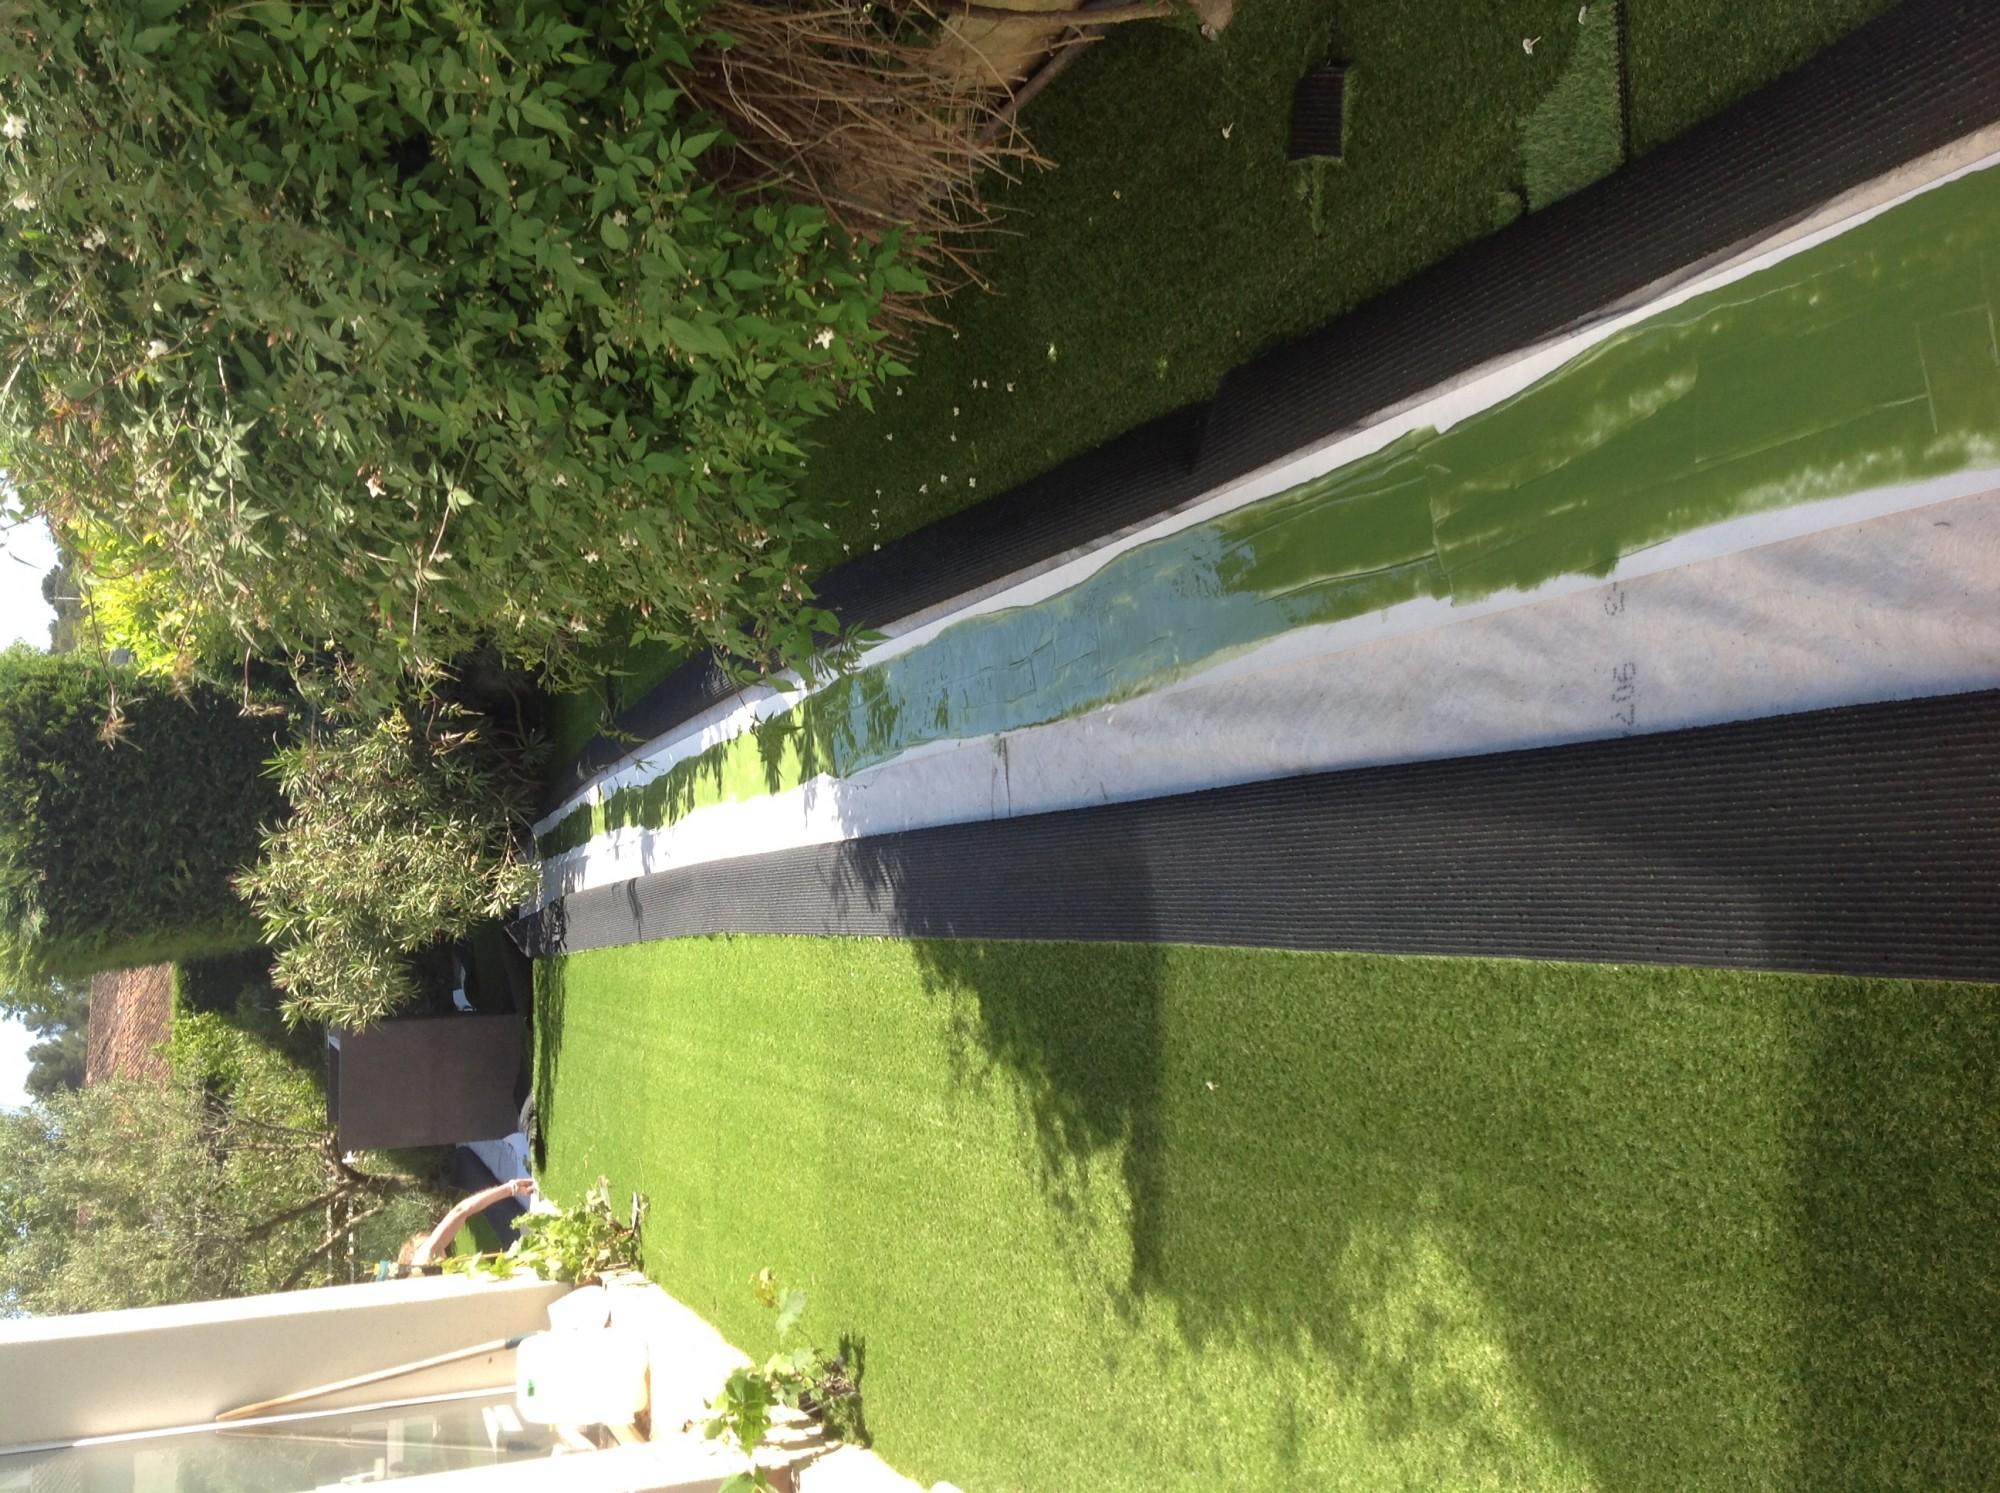 bande de pontage encollée pour la pose d'une pelouse artificielle entre Marseille et Aix en Provence